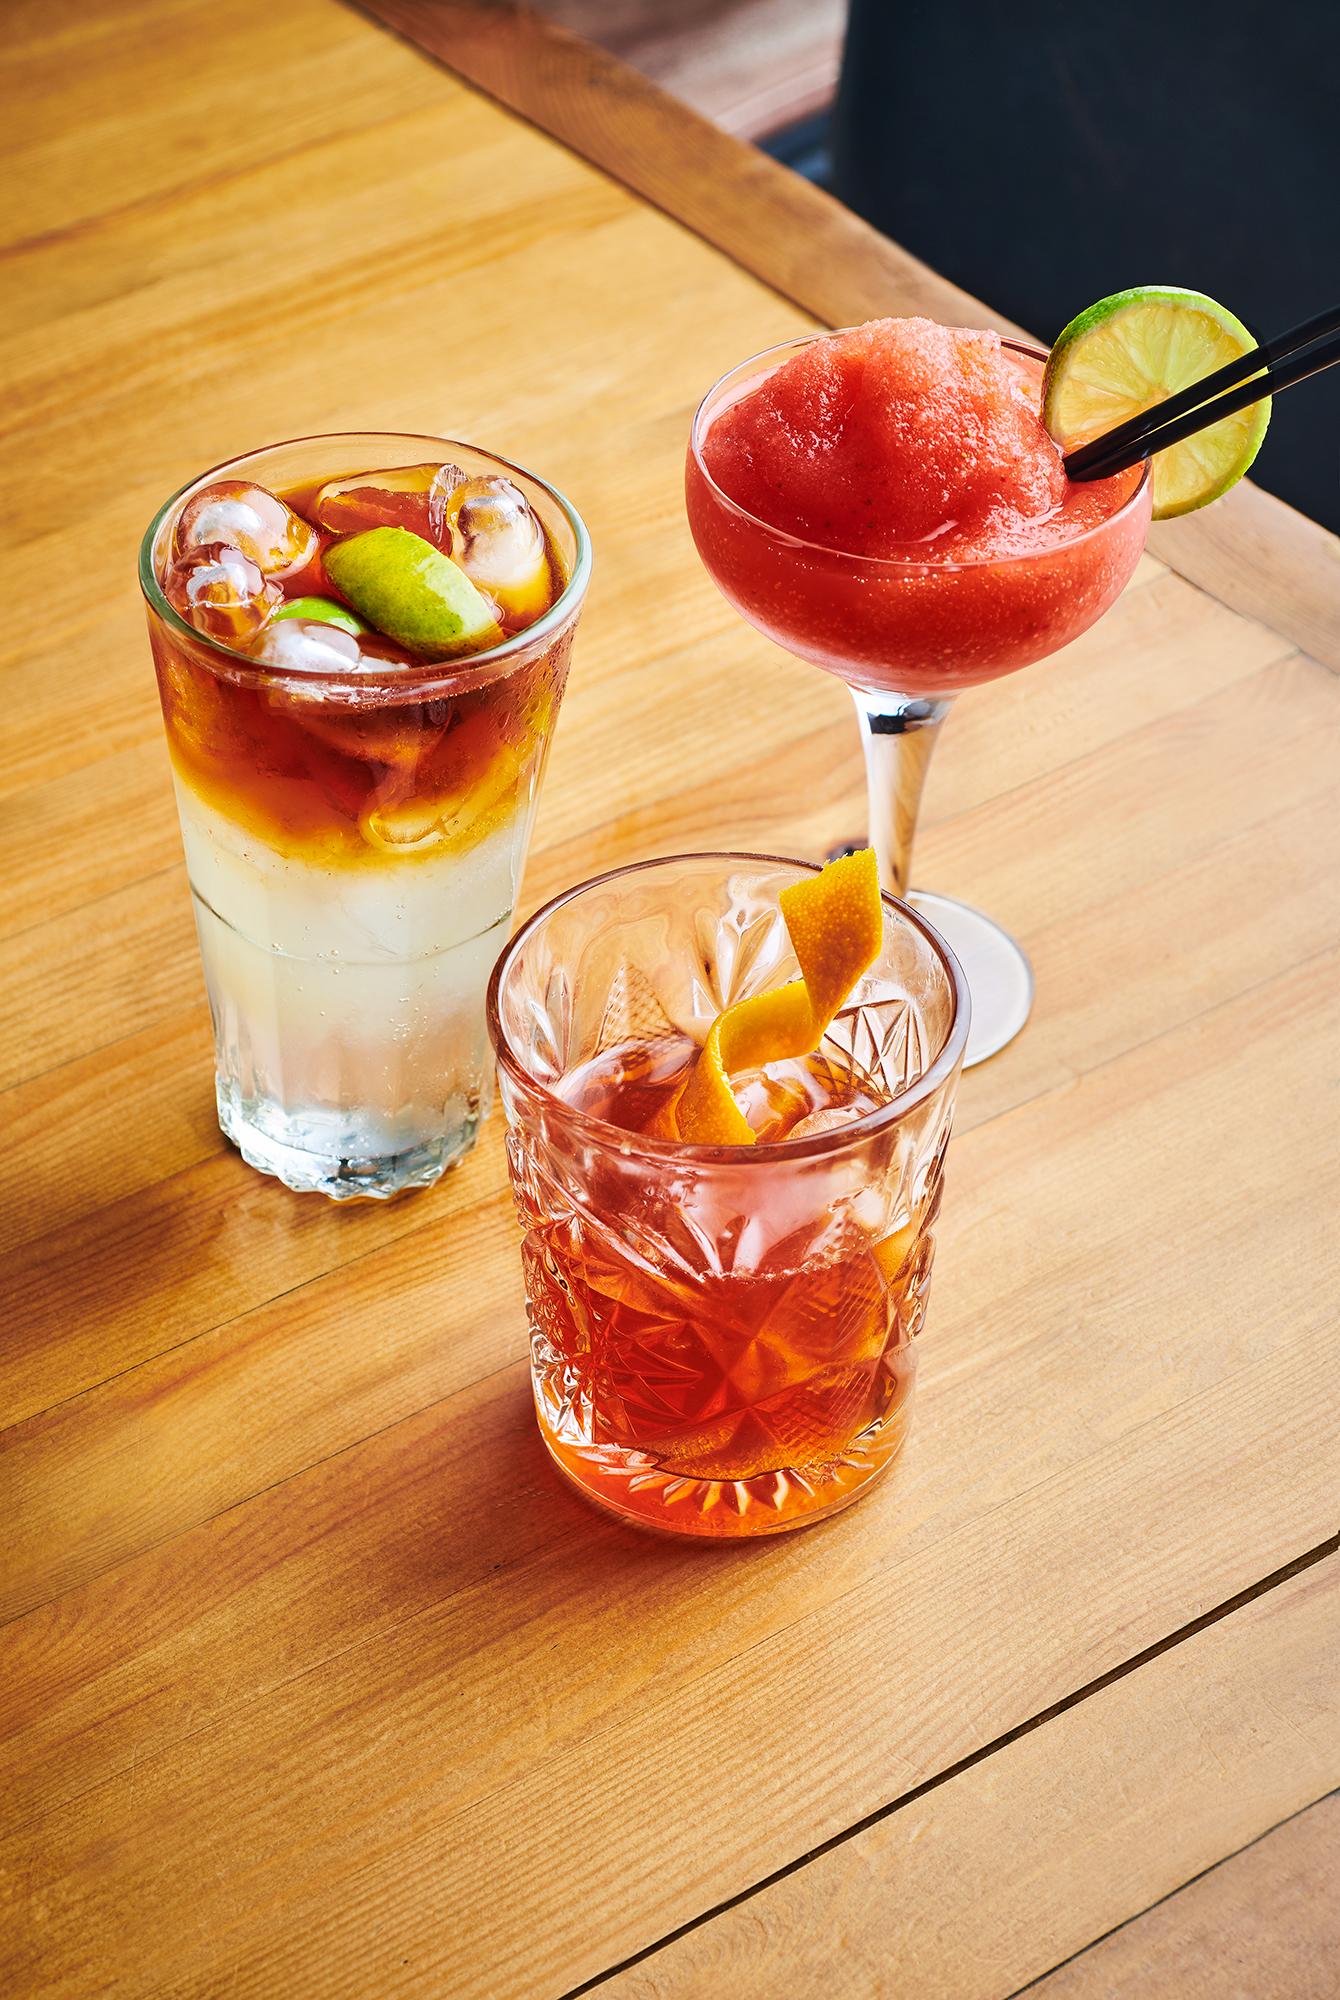 180824_DipnFlip_CocktailsF.jpg